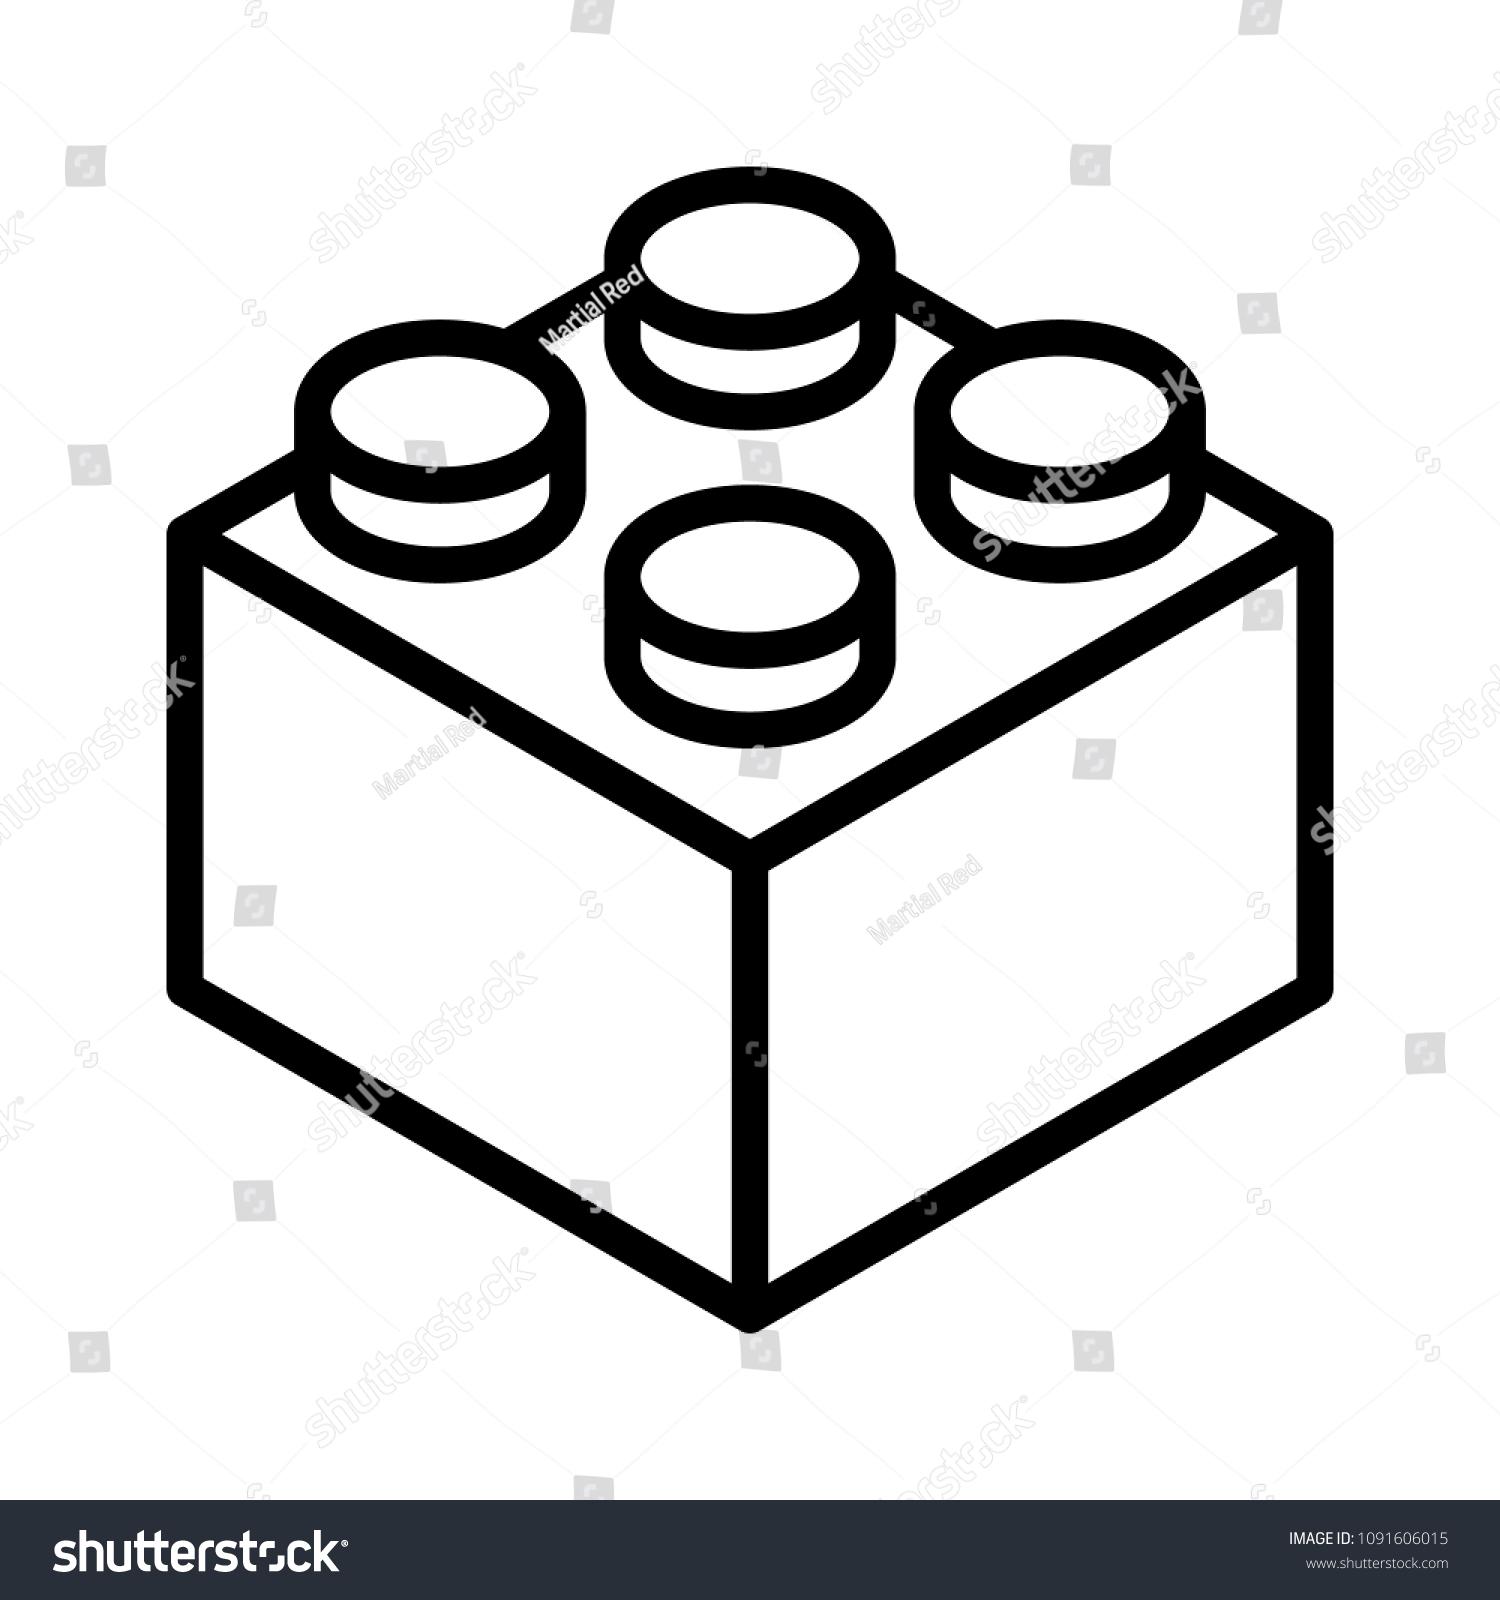 lego-backstein-block oder kunstwerk-vektorsymbol für spielzeugapplikationen  und websites  shutterstock